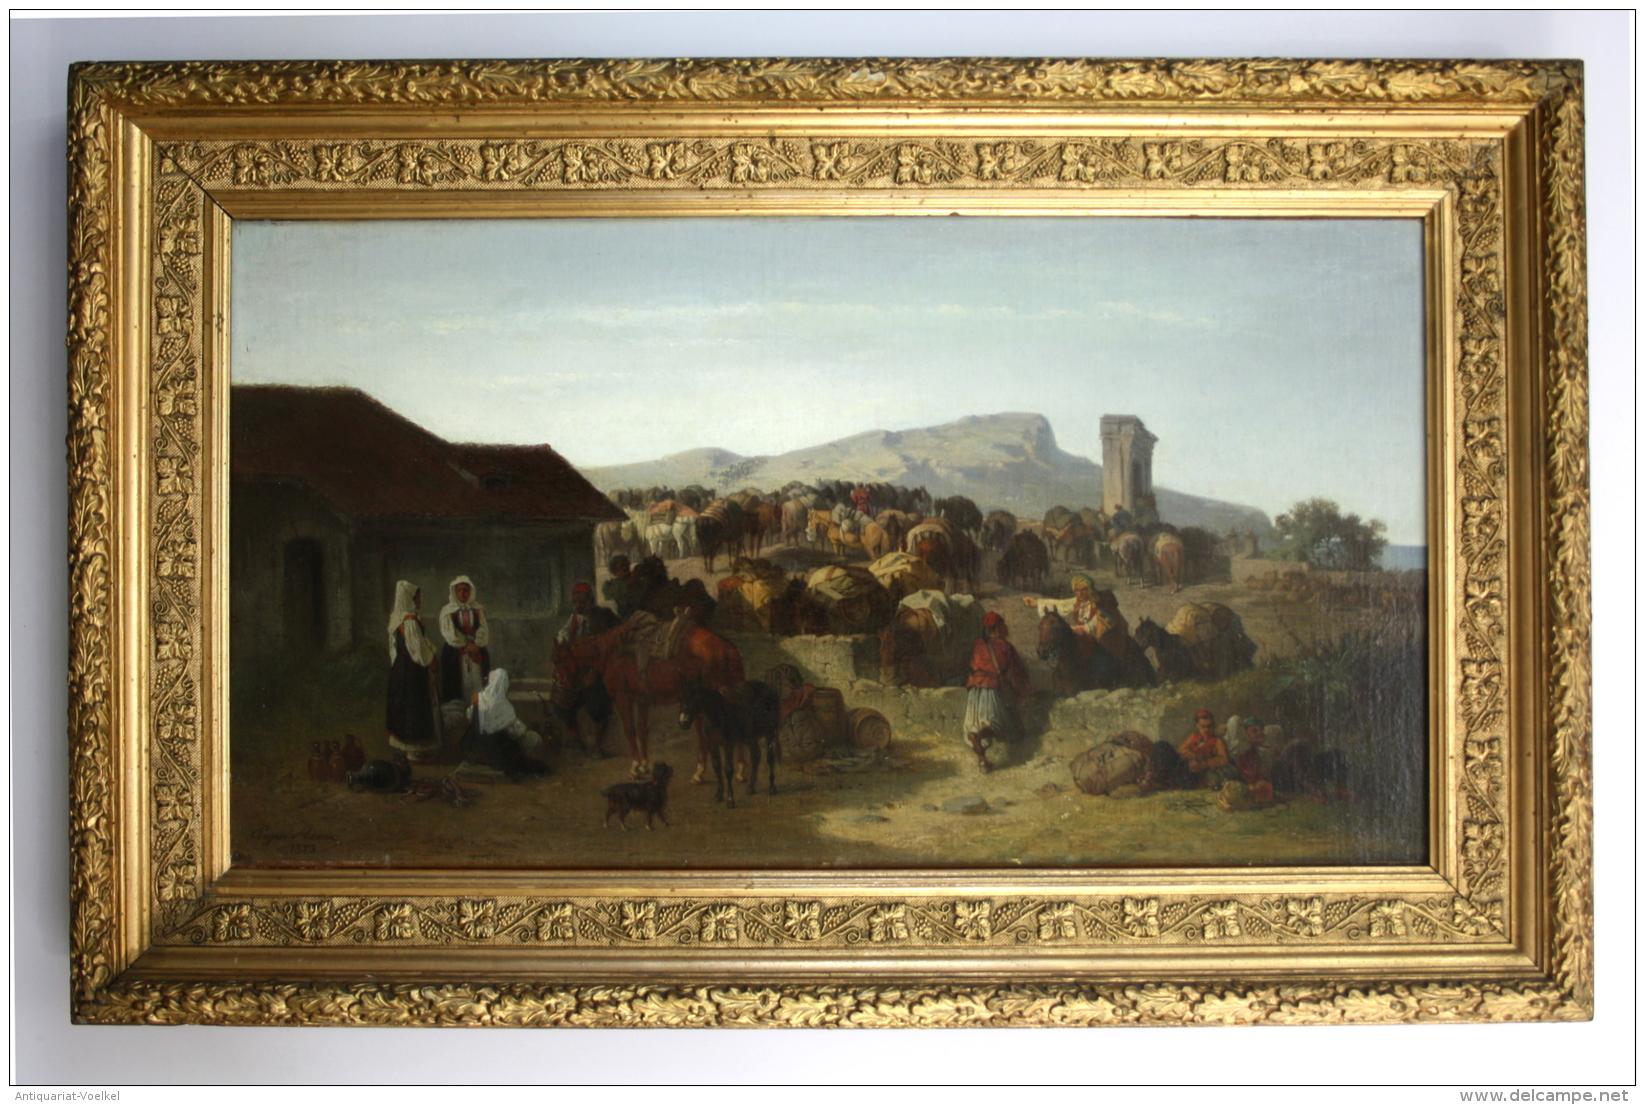 Rast Einer Maultierkarawane In Dalmatien. - Original Ölgemälde Auf Leinwand. -- Ca. 30 X 58 Cm -- Doubliert - Links Unte - Andere Sammlungen